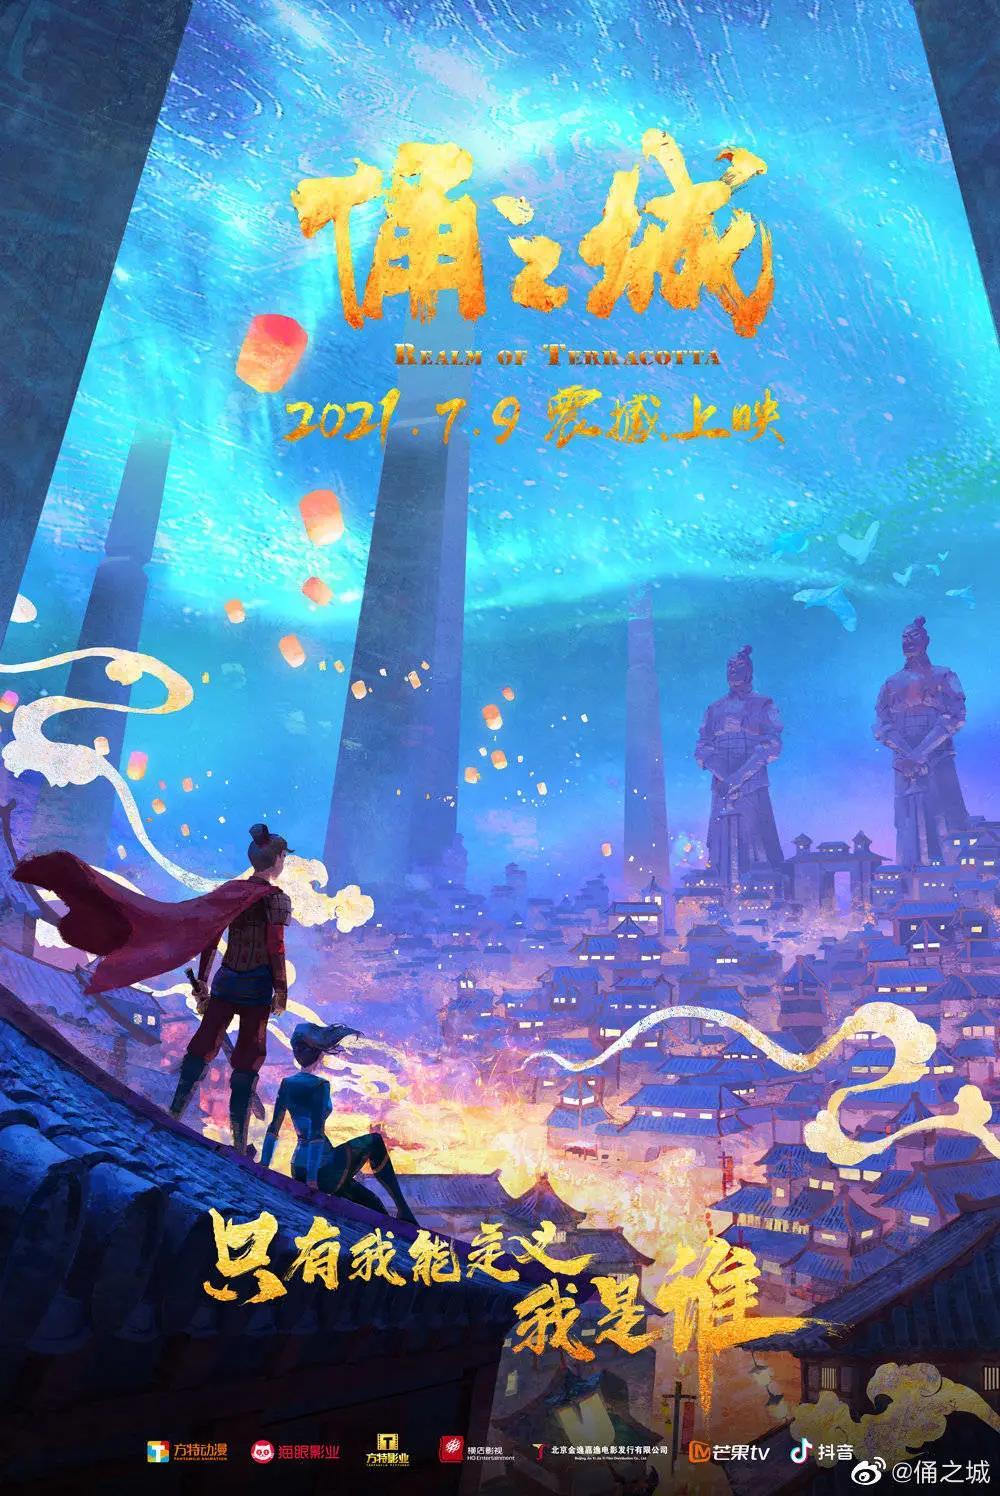 《俑之城》电影海报 - 瑞云渲染农场